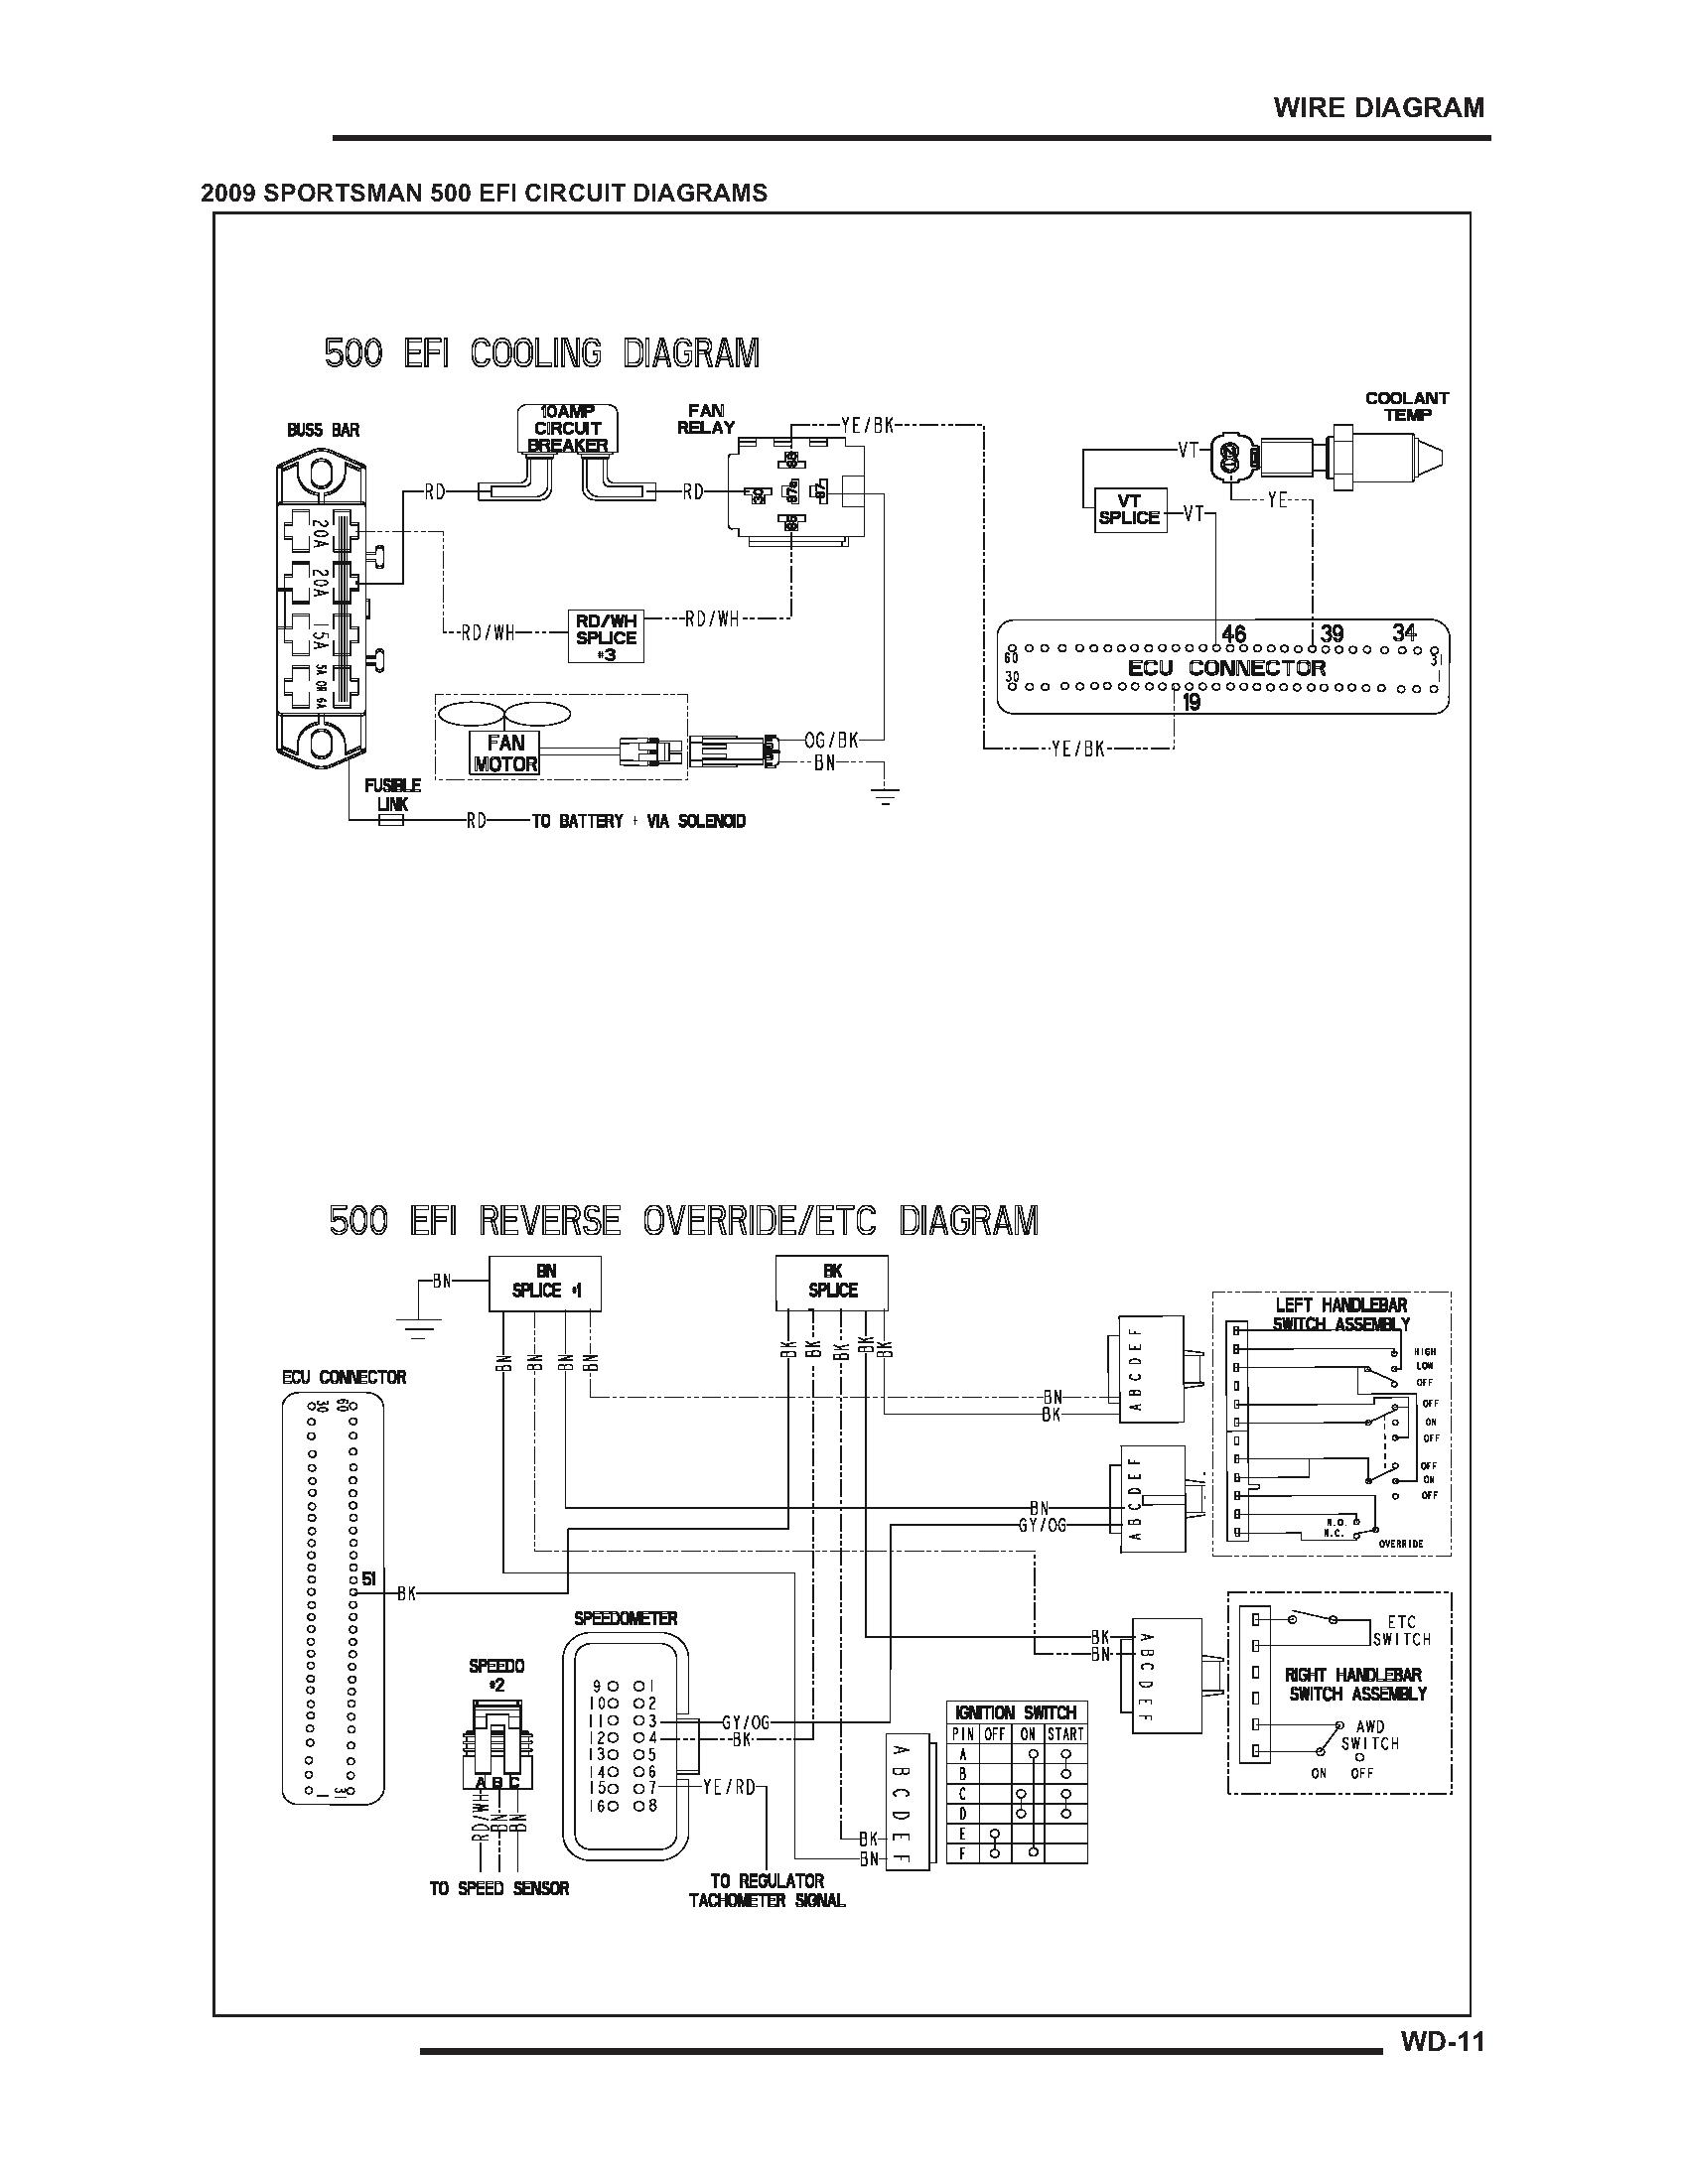 2010 polaris sportsman 500 wiring diagram cooling system polaris atv forum  cooling system polaris atv forum